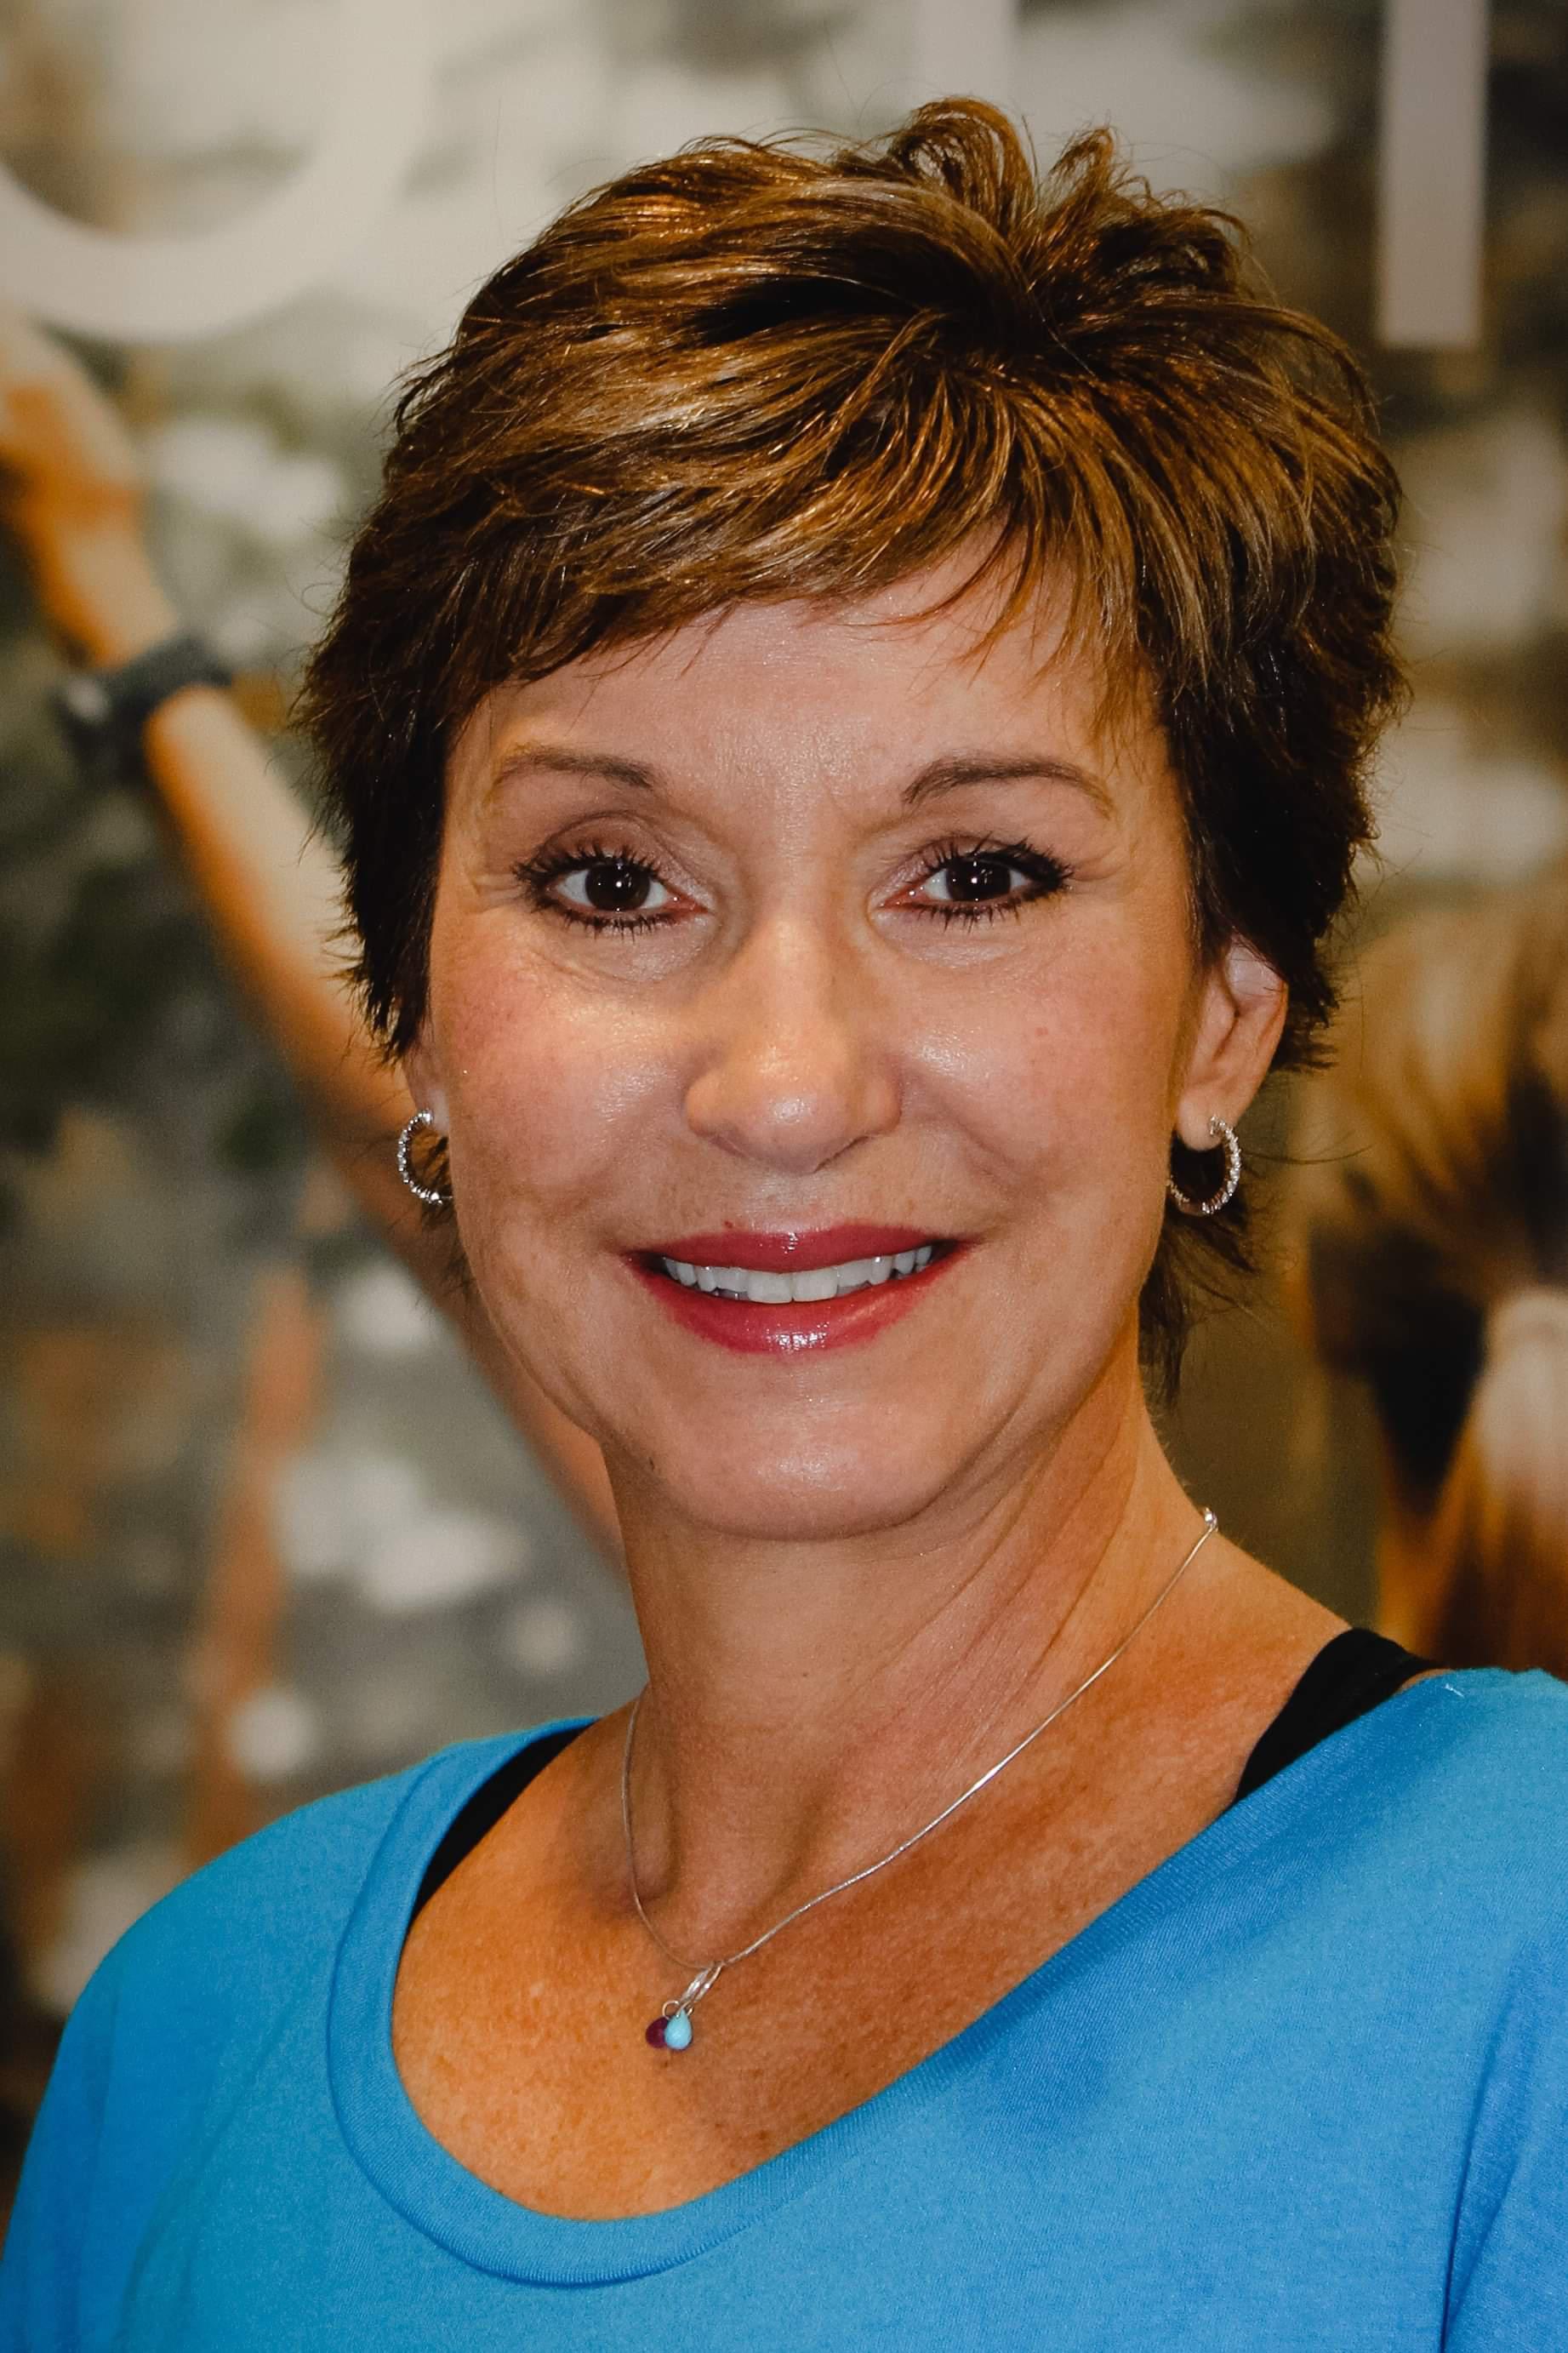 Julie Puricelli